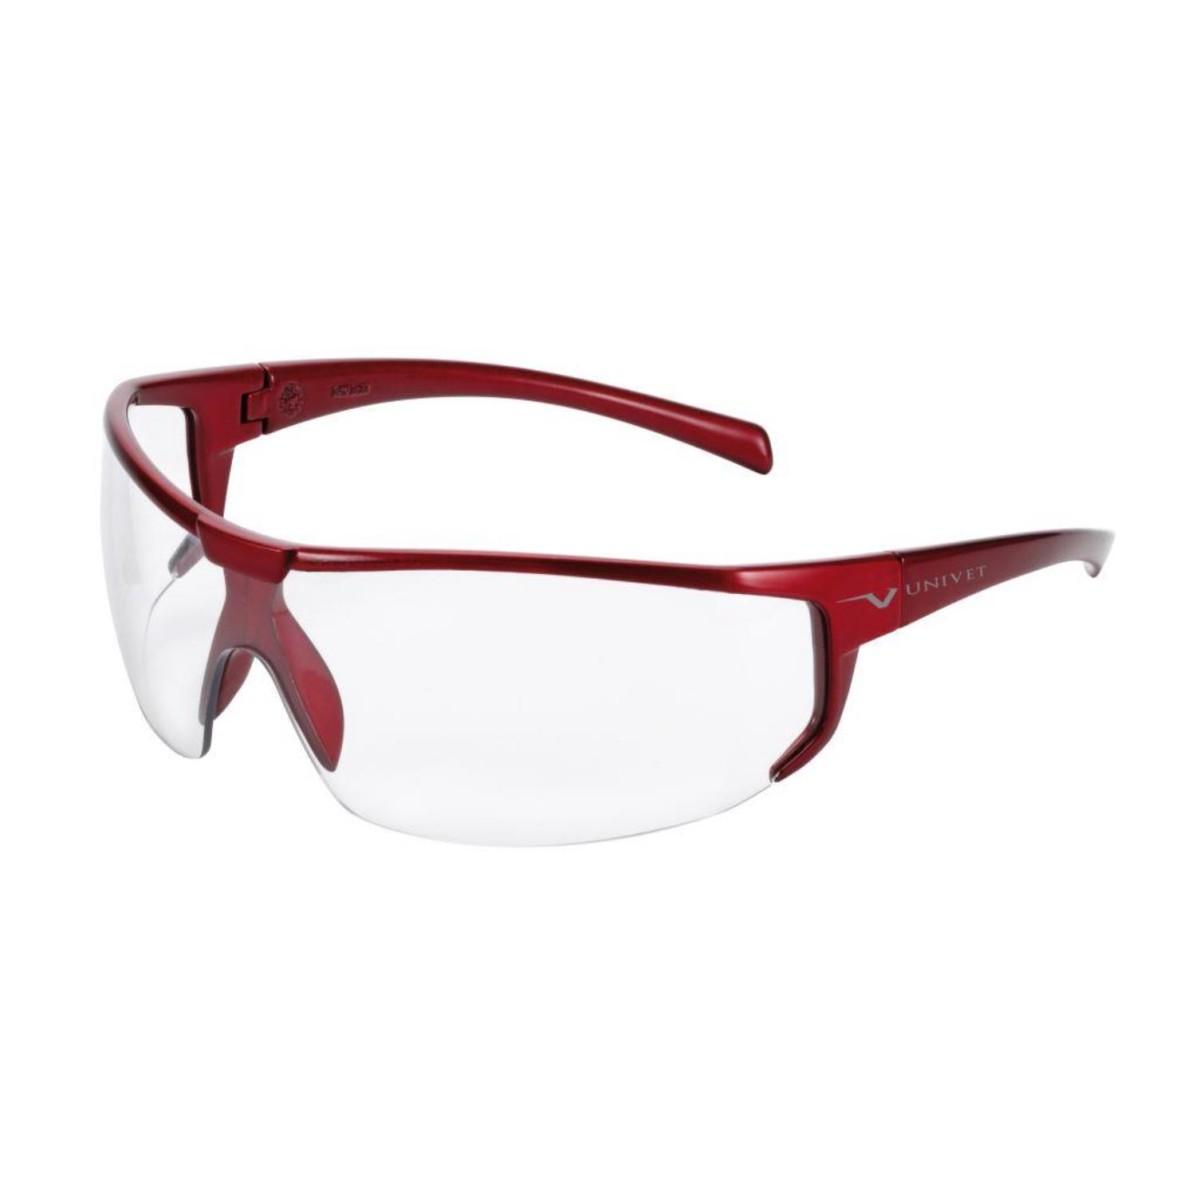 Защитные очки Univet 5X4.03.40.00